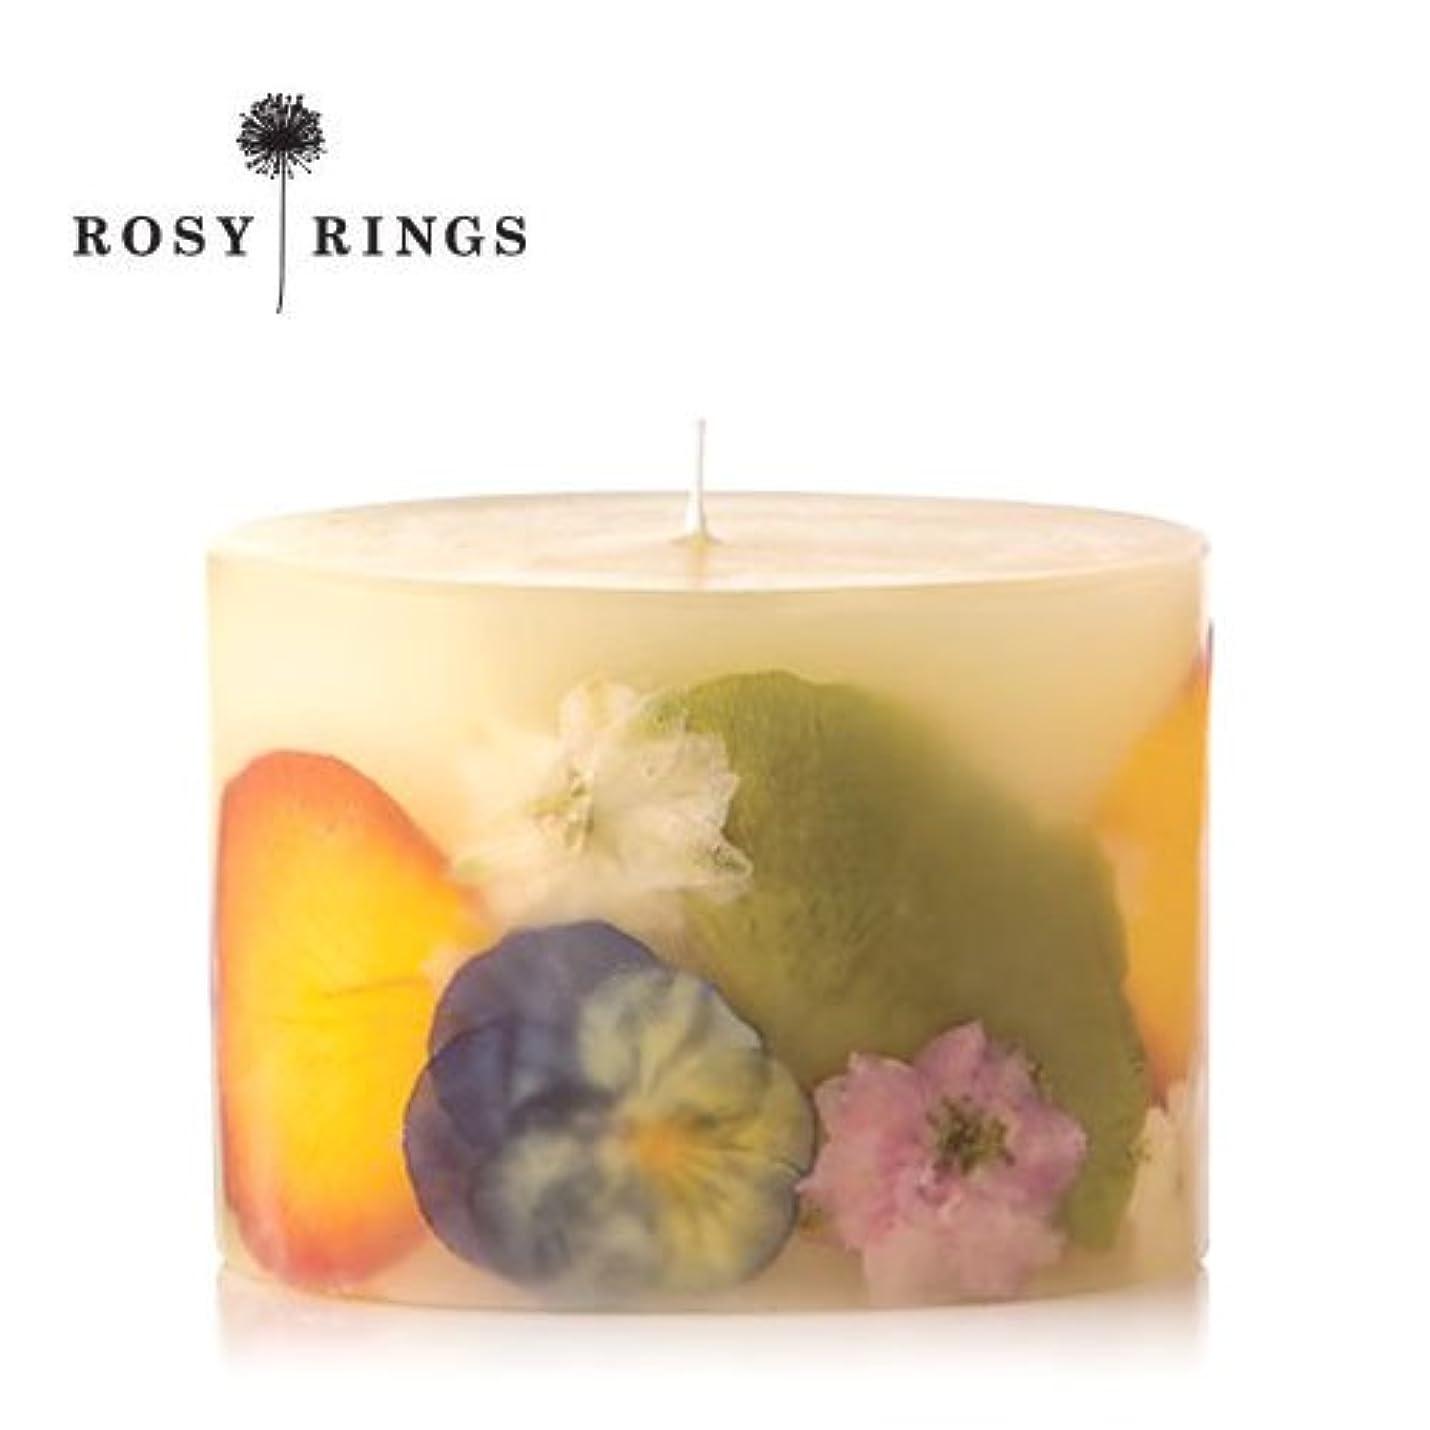 つま先形式実際【正規取扱店】 ROSY RINGS プティボタニカル キャンドル ?オレンジブロッサム&ハニー? PETITE BOTANICAL COLLECTION (ロージーリングス)